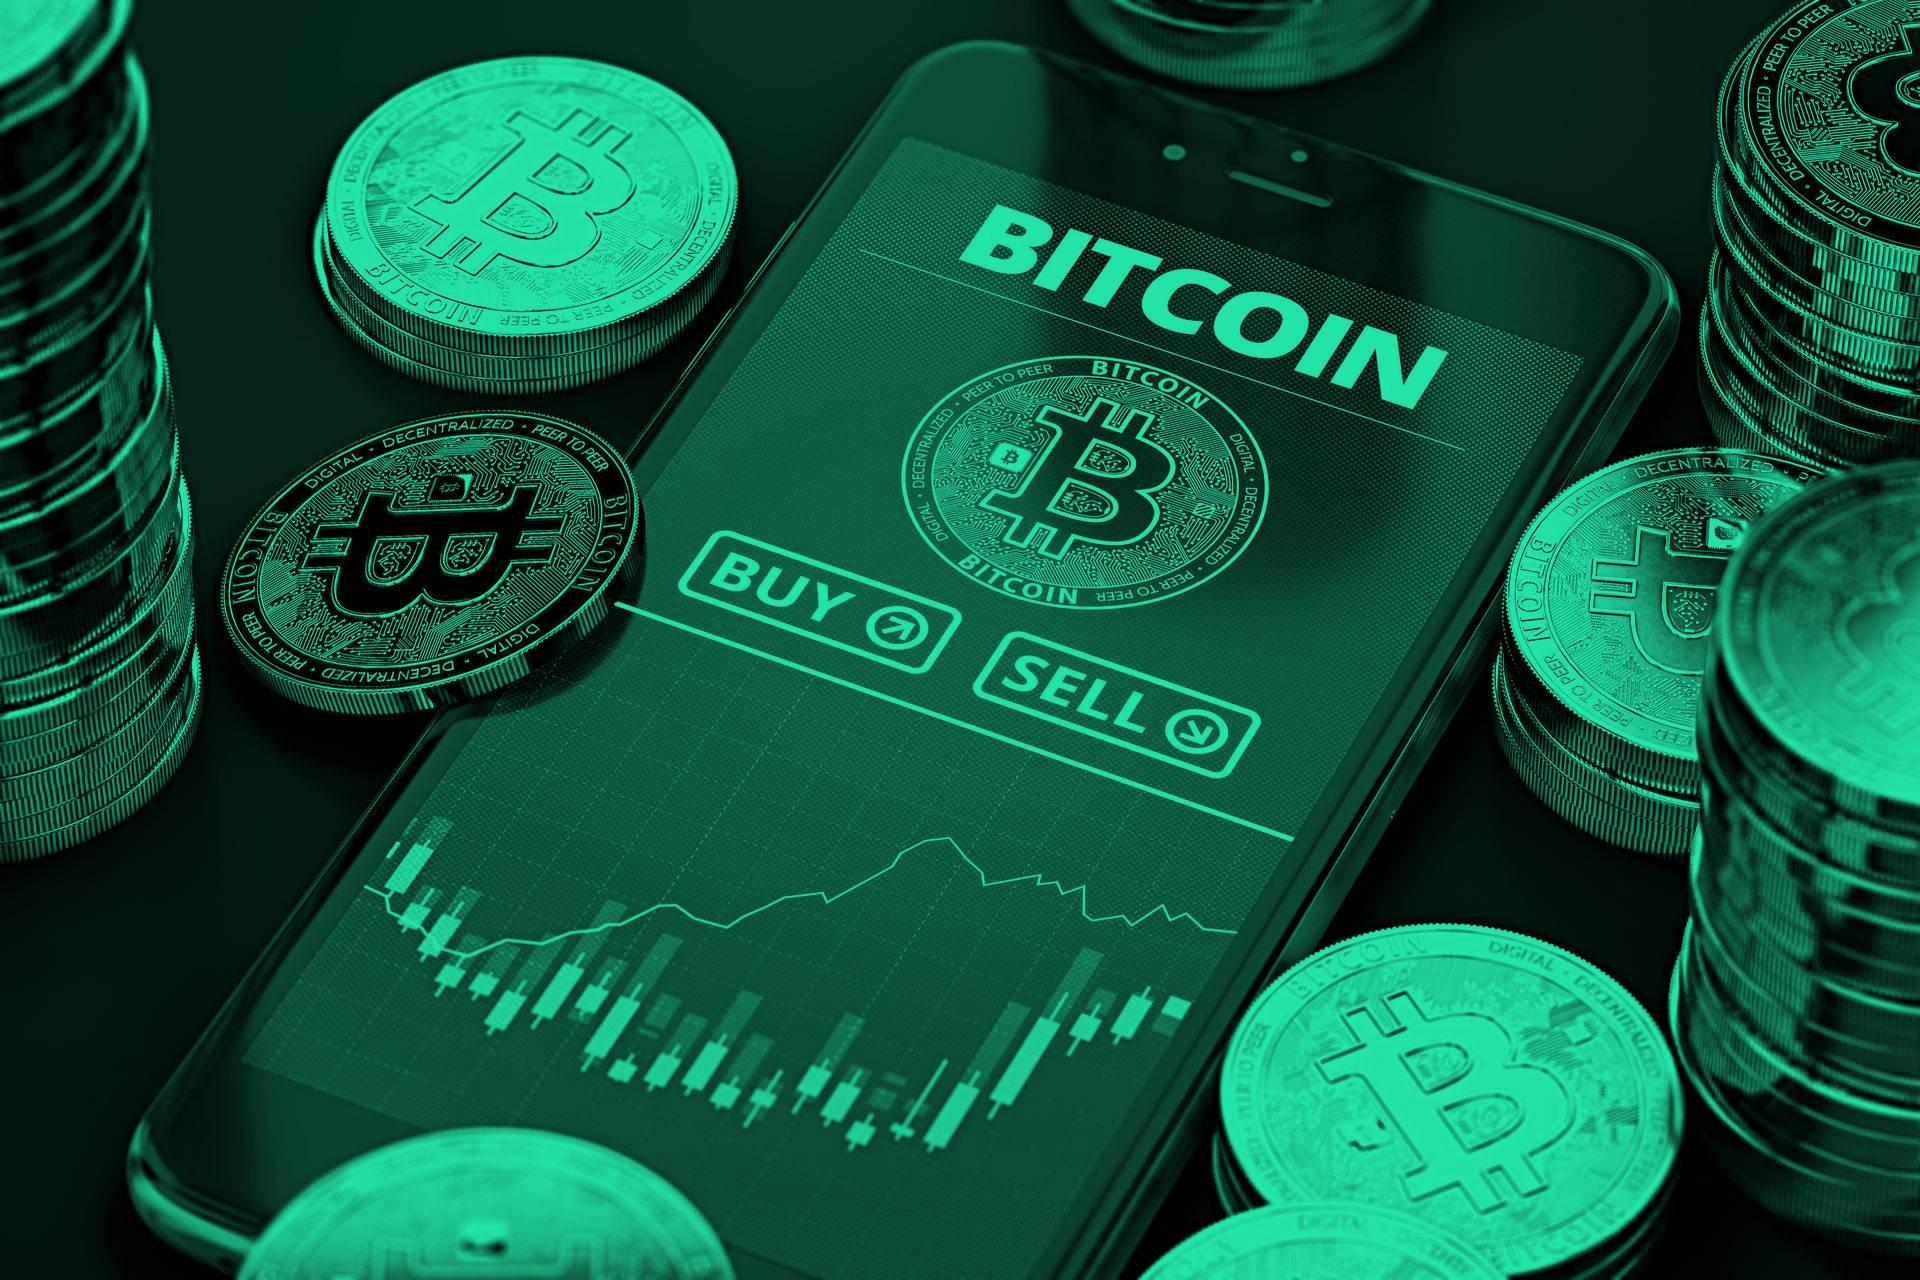 Bitcoin Kurs Anstieg: BTC übersteigt 42.000 USD – Was folgt nun?